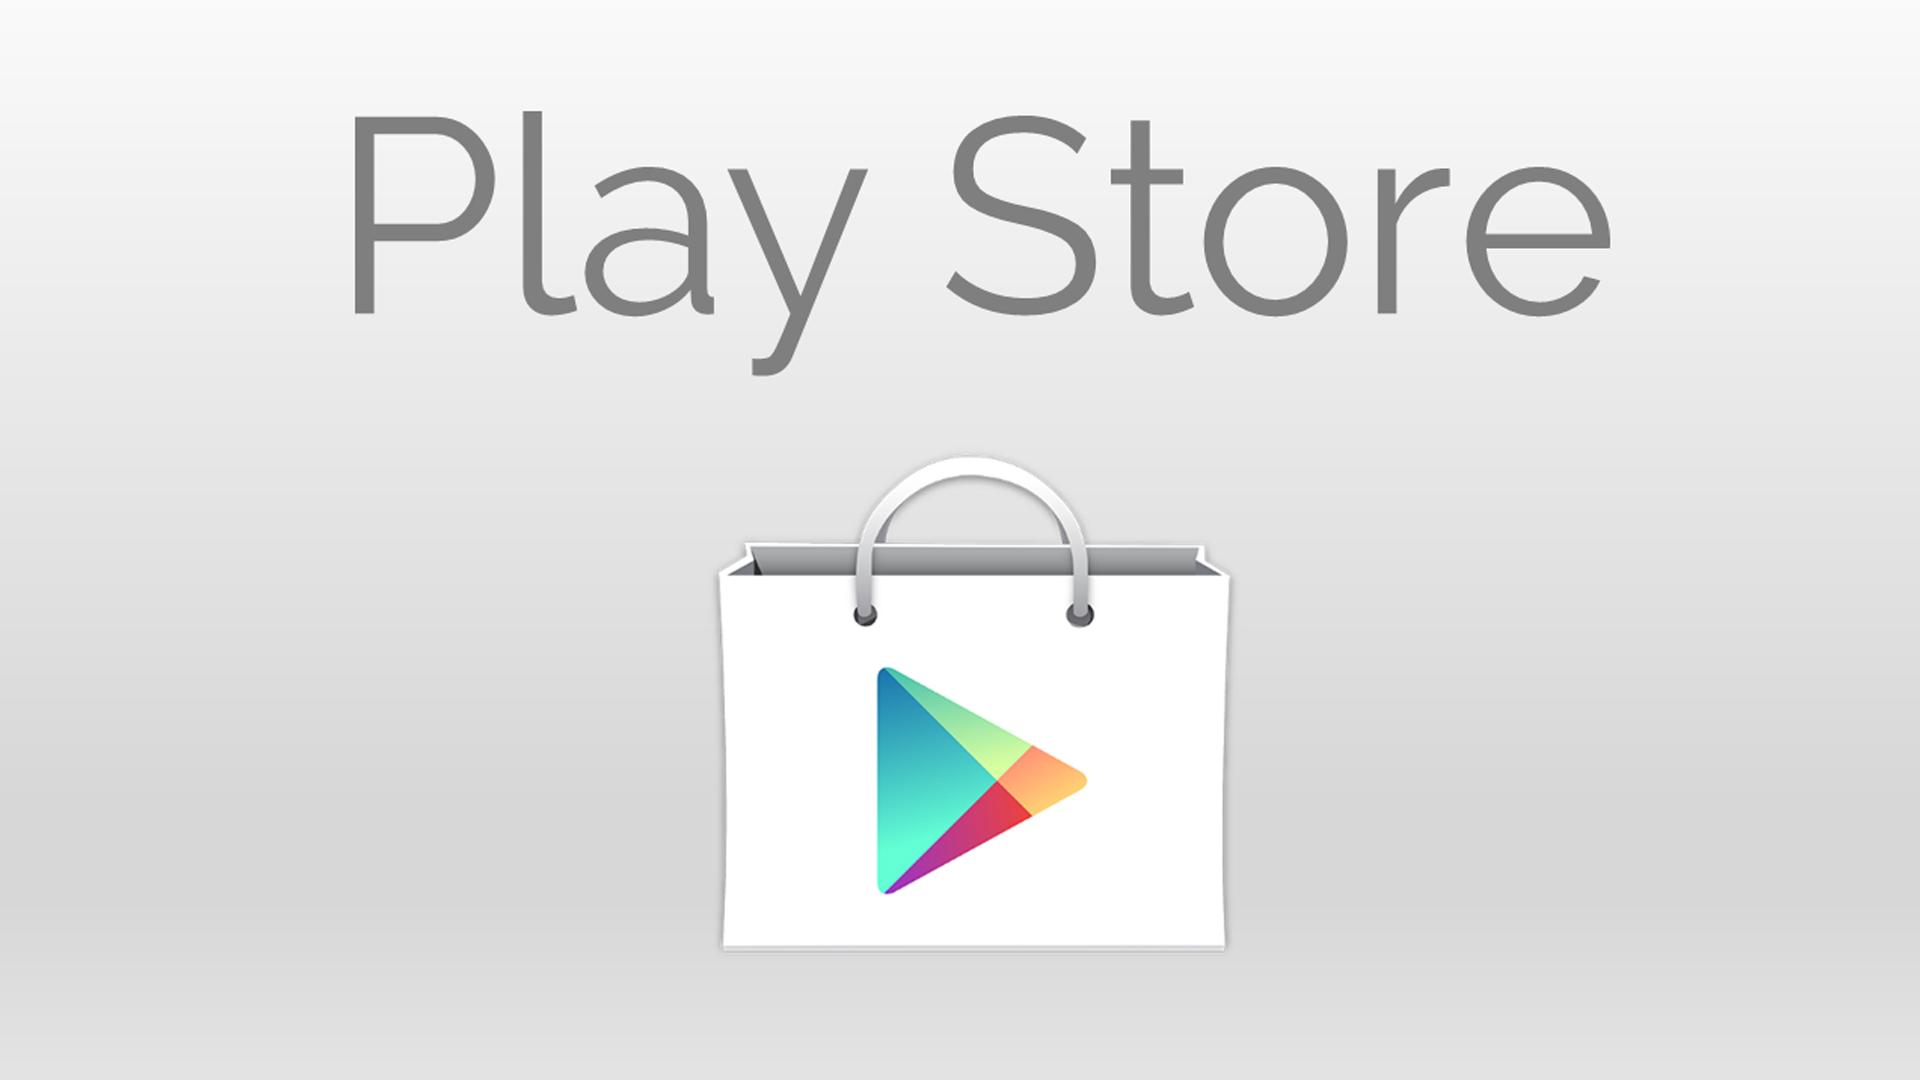 nonaktifkan pembaruan otomatis aplikasi play store - rio bermano